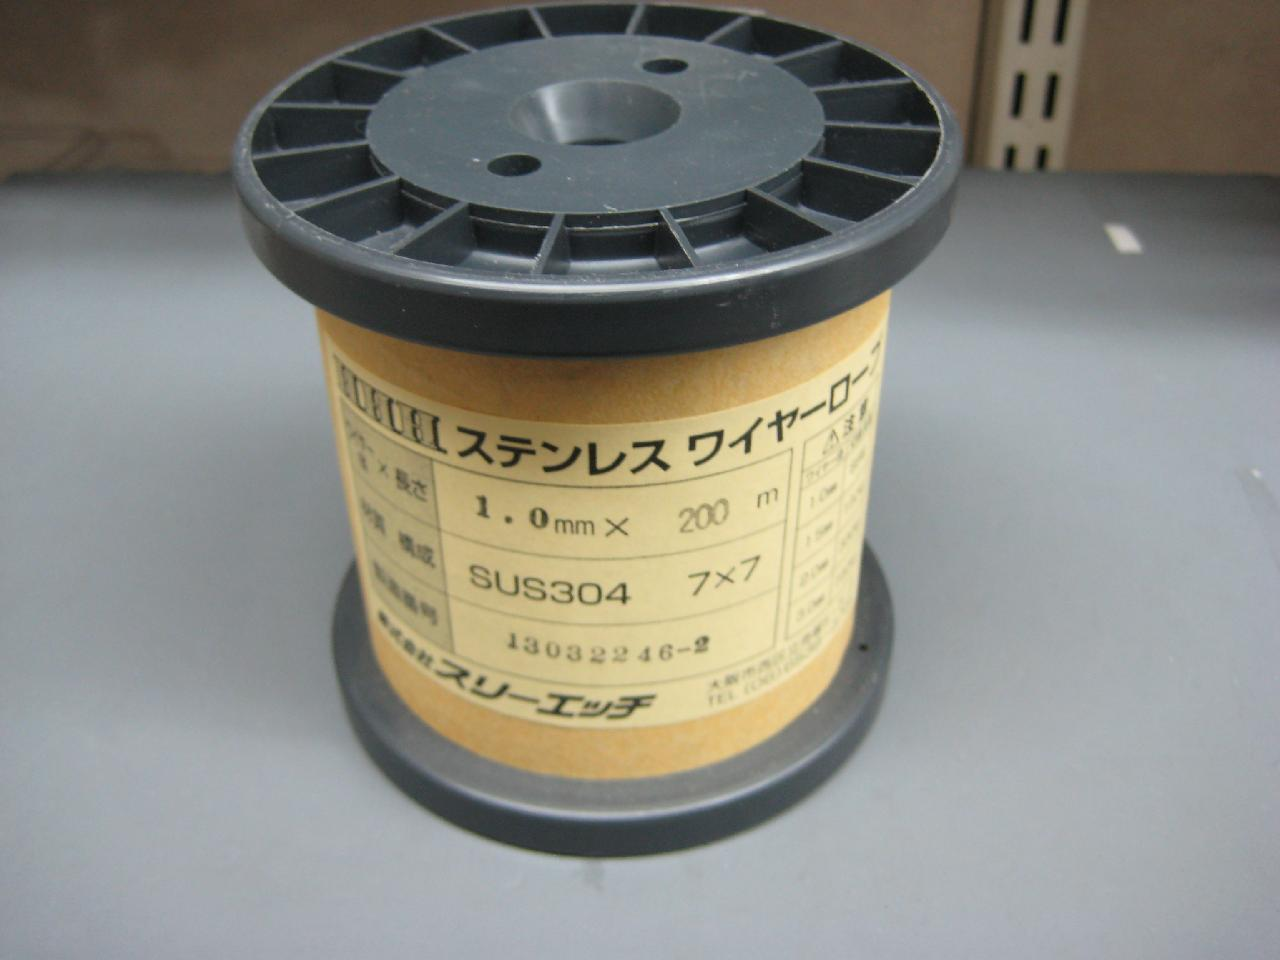 ステンワイヤー(7×7)1.0mm×200m巻